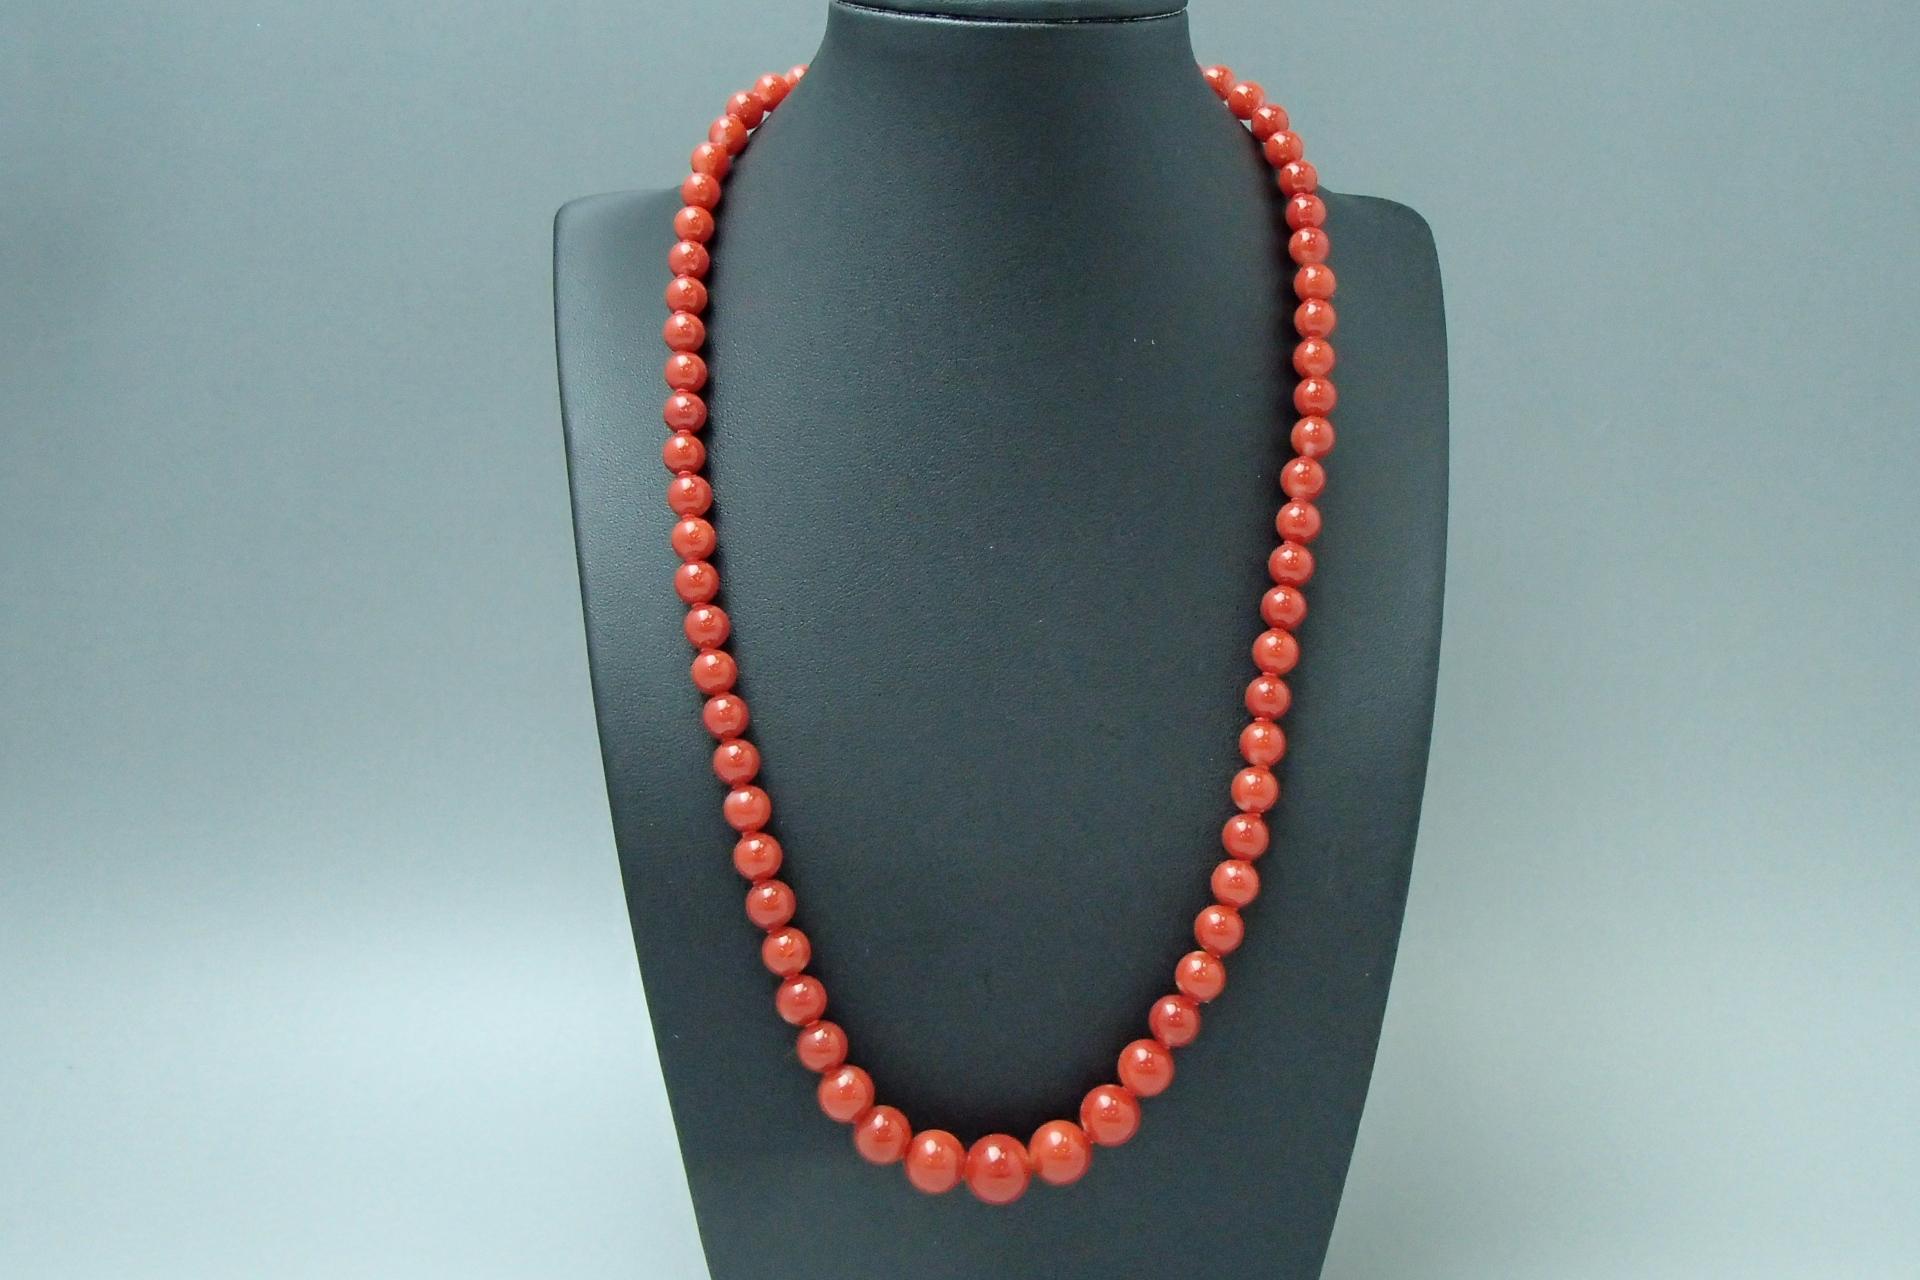 【買取額アップ!】赤珊瑚のネックレスの正しい売却の仕方